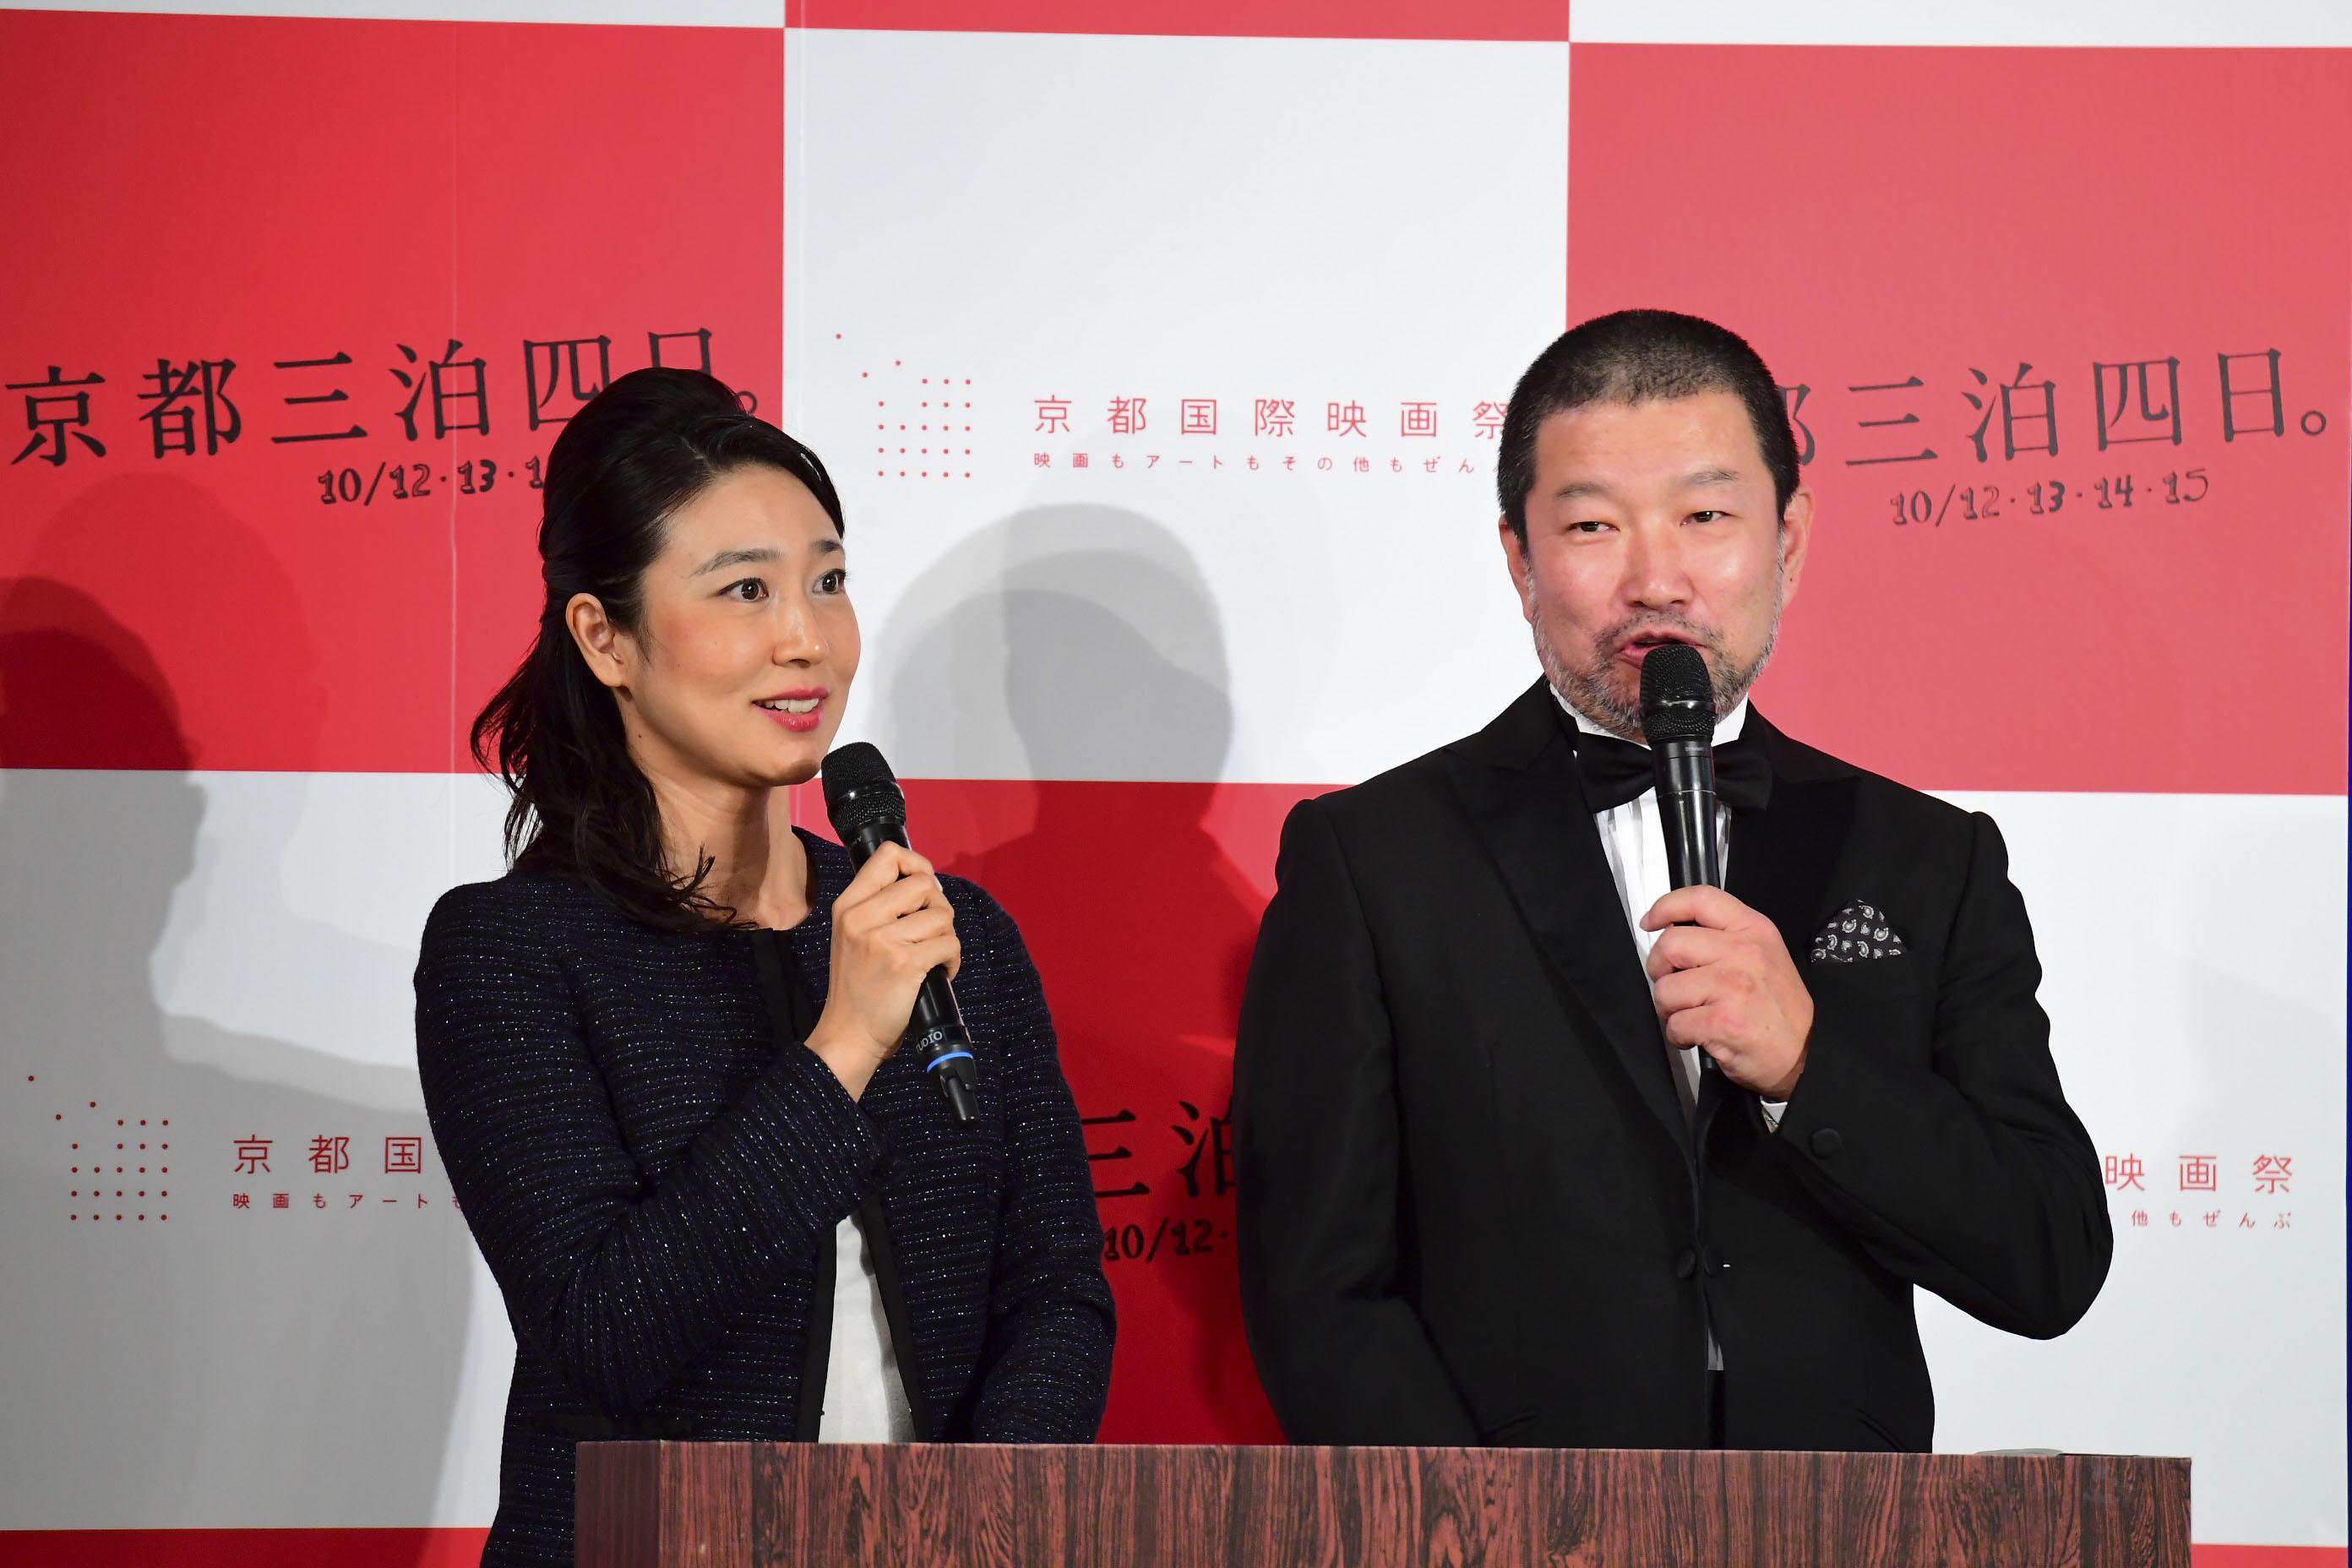 http://news.yoshimoto.co.jp/20170907001842-166bb7828748e43d4ddcf0027648b0287c684276.jpg